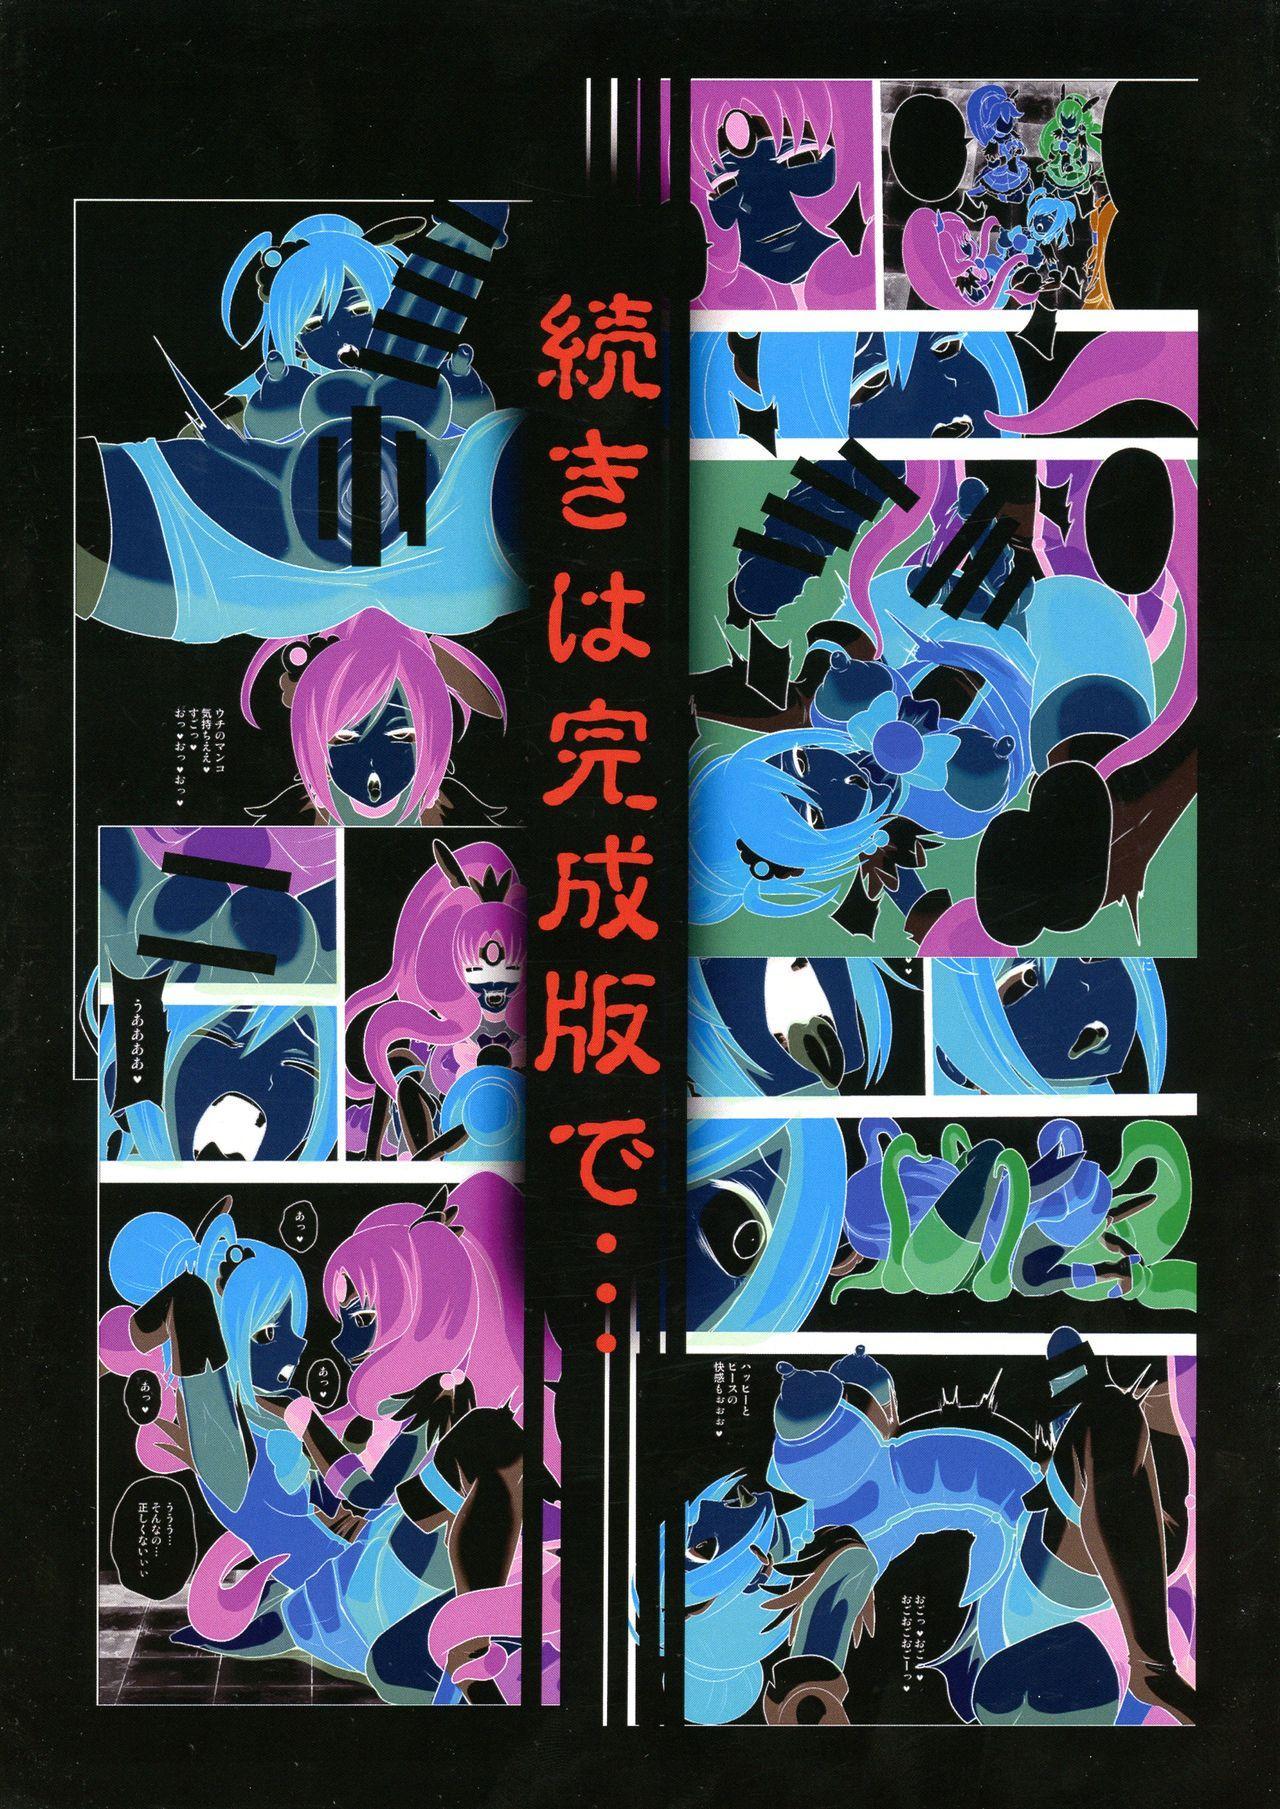 [Akuochisukii Kyoushitsu (Akuochisukii Sensei)] Smile Parasite ~ Ubawareta Egao ~ Junbigou (Smile Precure) 18